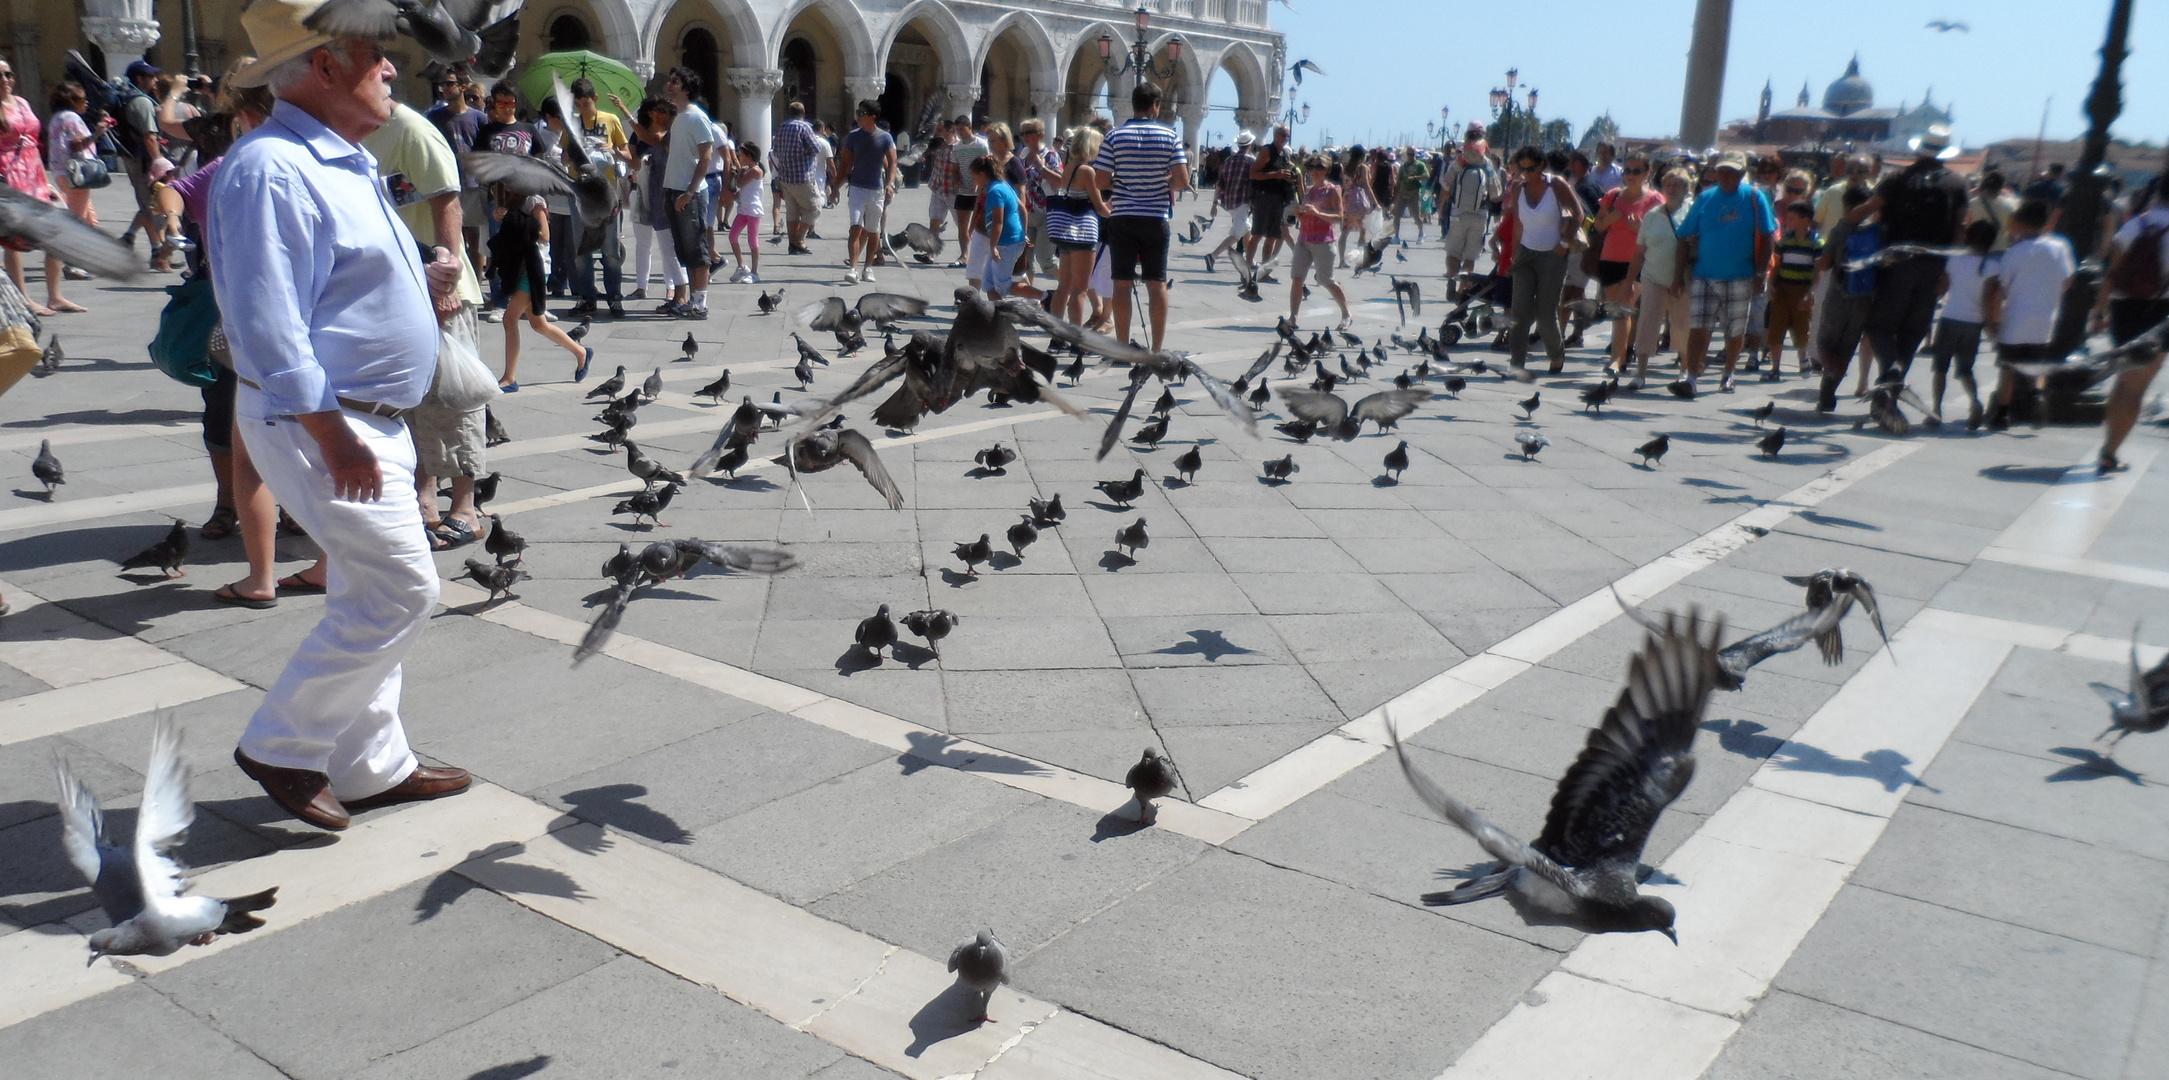 Angriff der Tauben